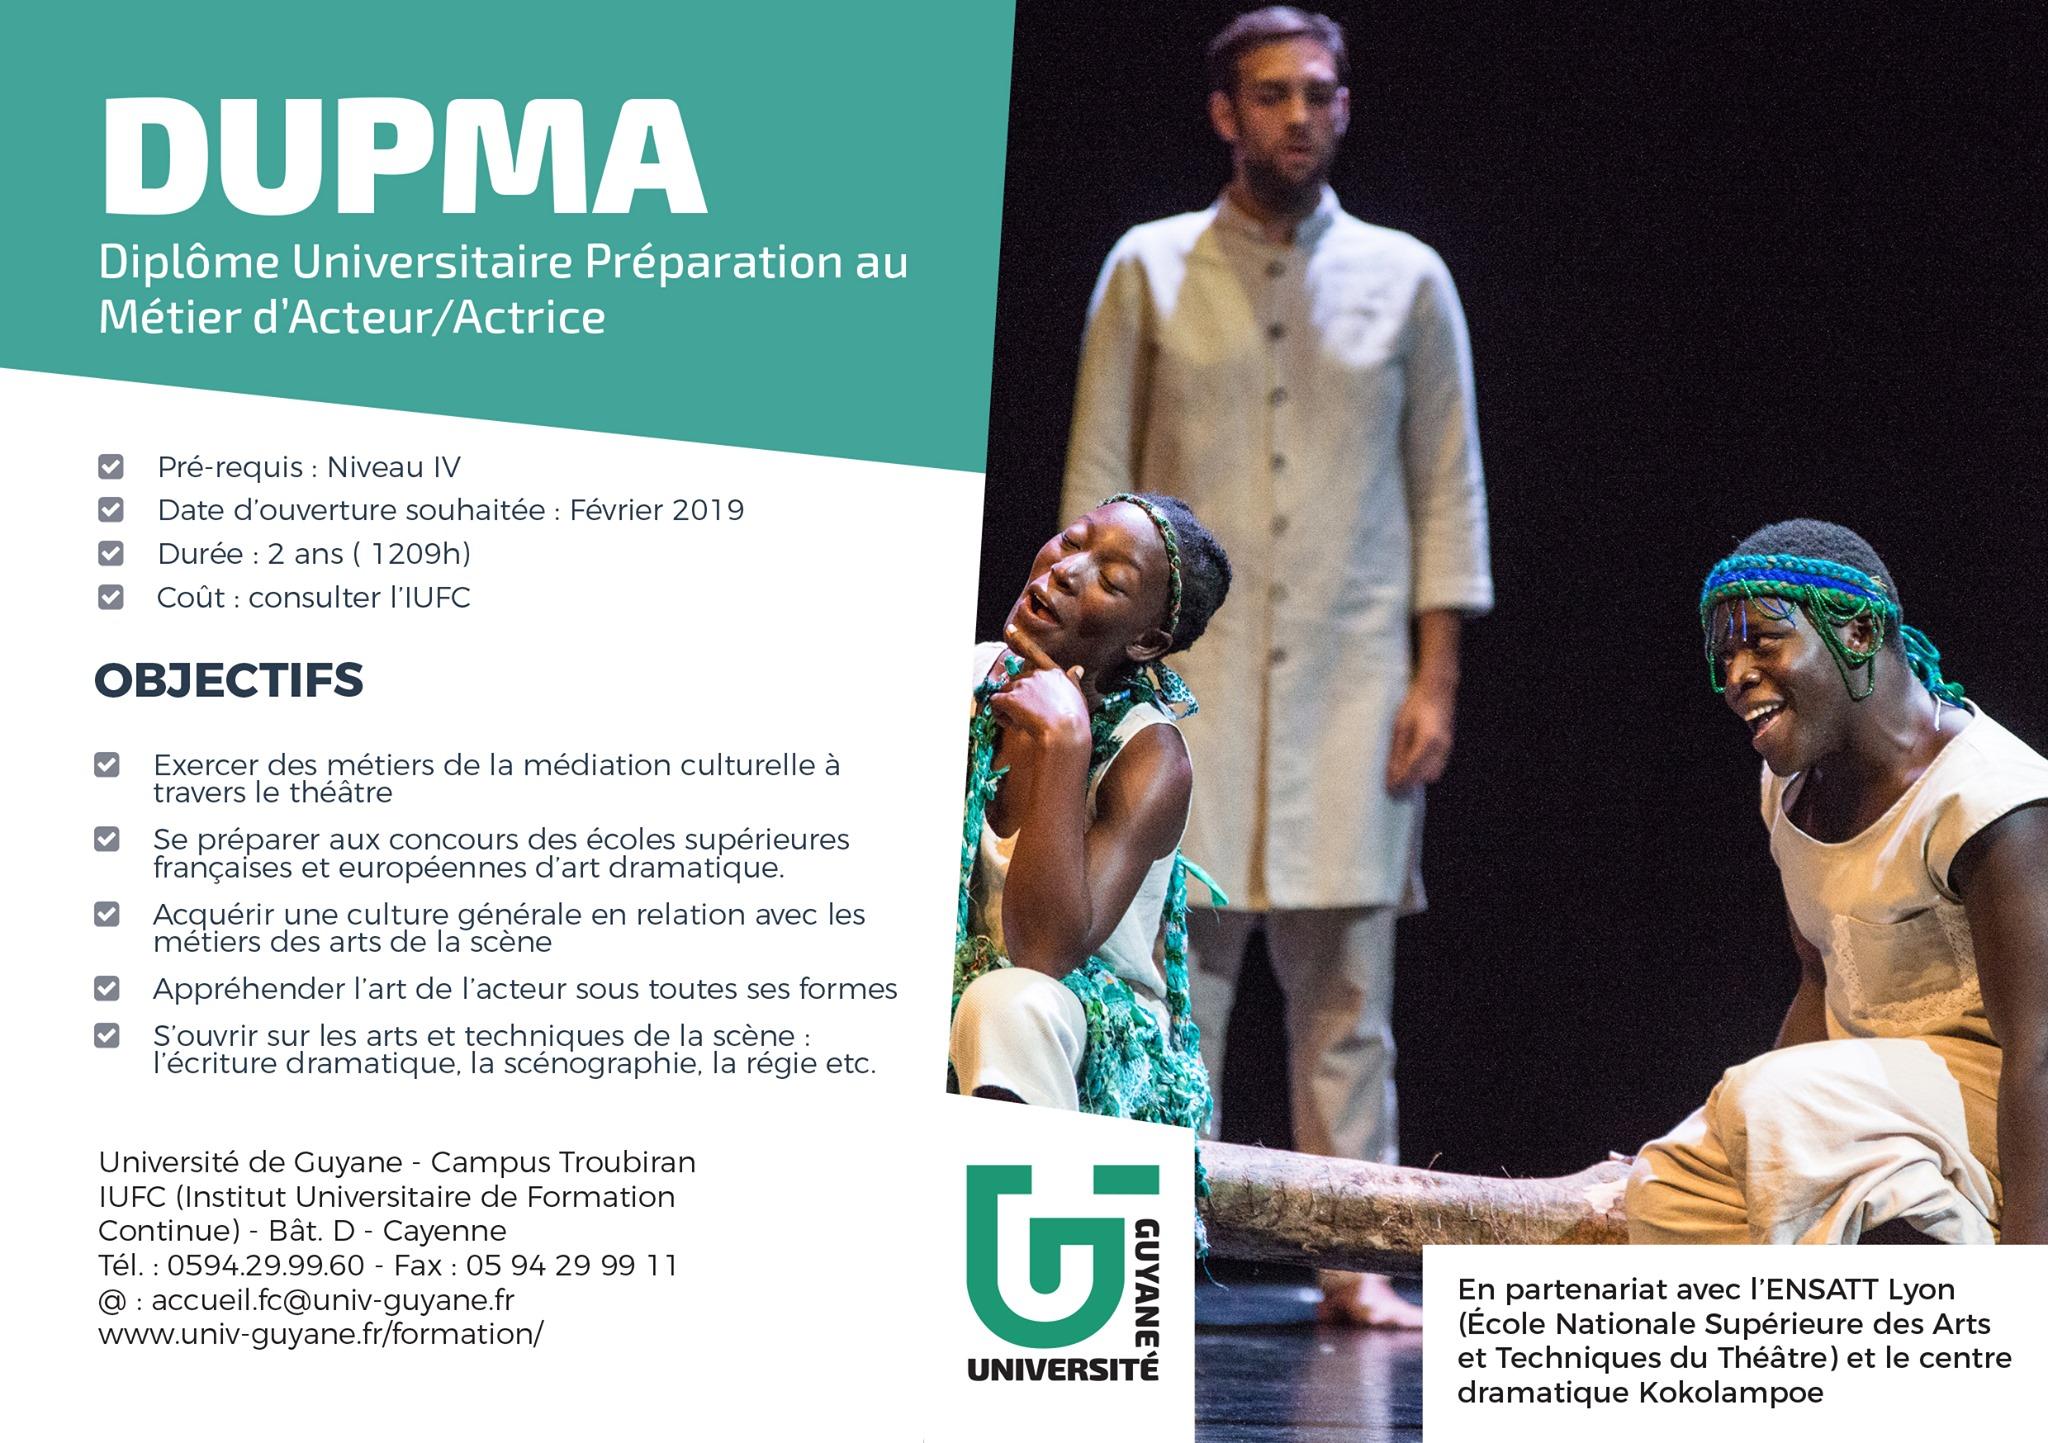 [Formation] : les étudiants du Diplôme Universitaire de Préparation au Métier d'Acteur (DUPMA - Bac+2) font leur rentrée au centre dramatique #kokolampoe